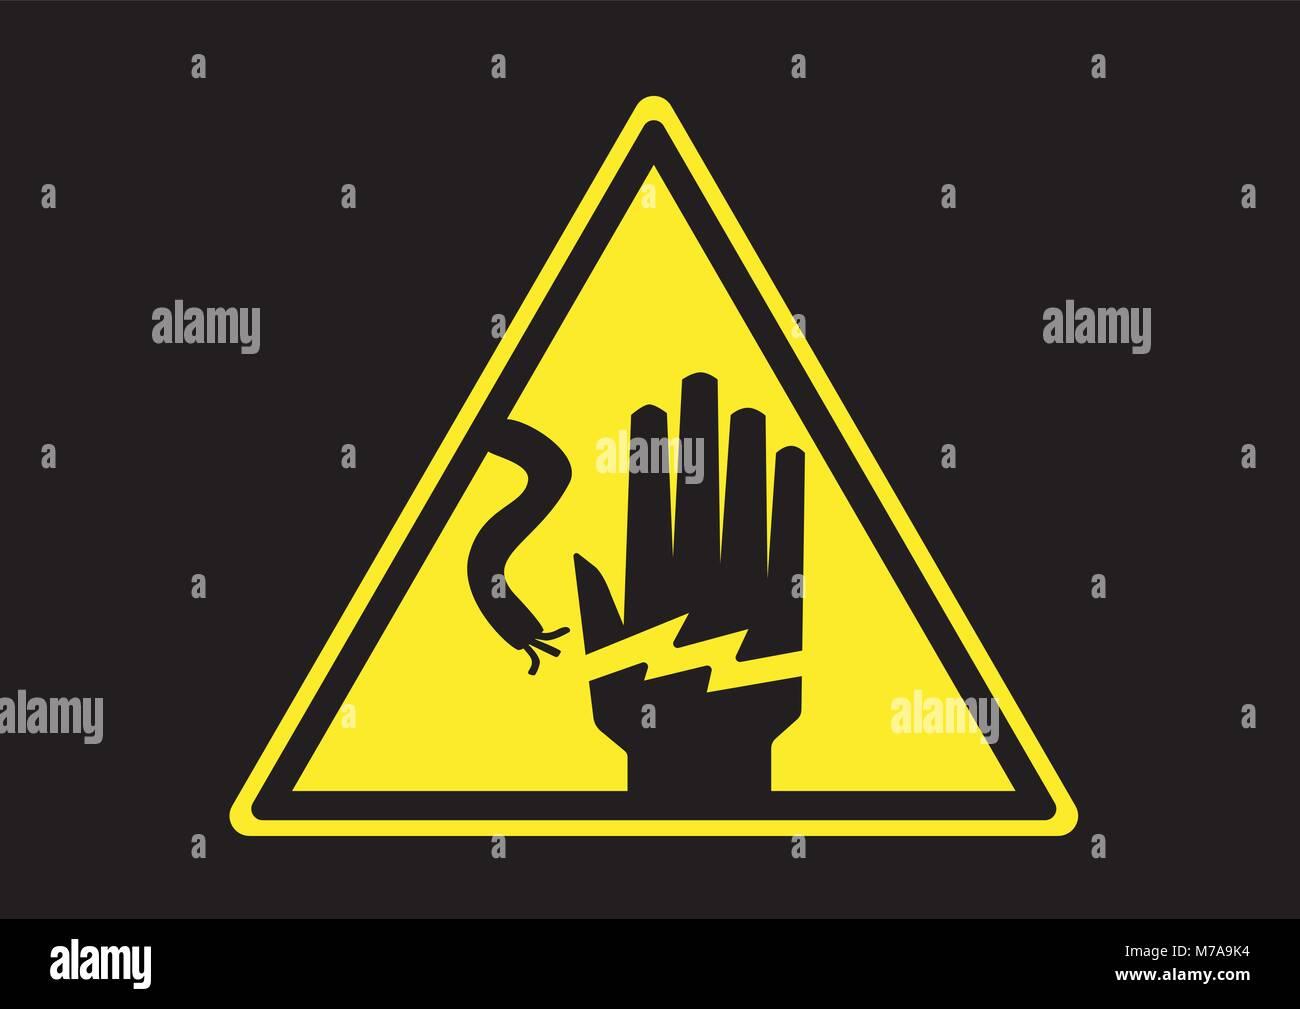 Warning Sign Danger Keep Out Stock Vektorgrafiken kaufen   Alamy